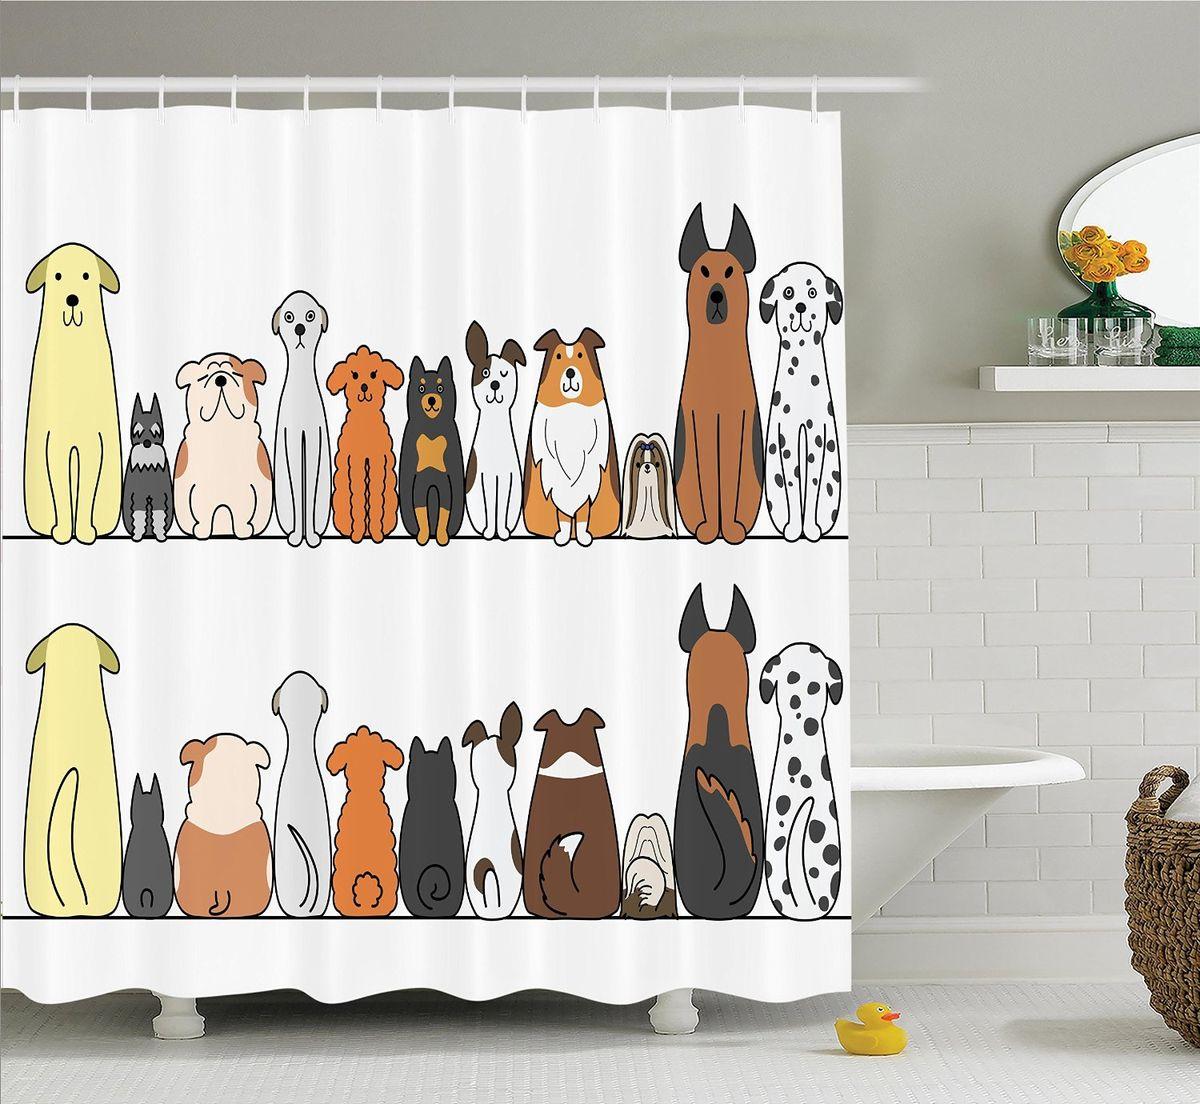 Штора для ванной комнаты Magic Lady Милые собаки, 180 х 200 см штора для ванной комнаты magic lady разноцветные бабочки 180 х 200 см